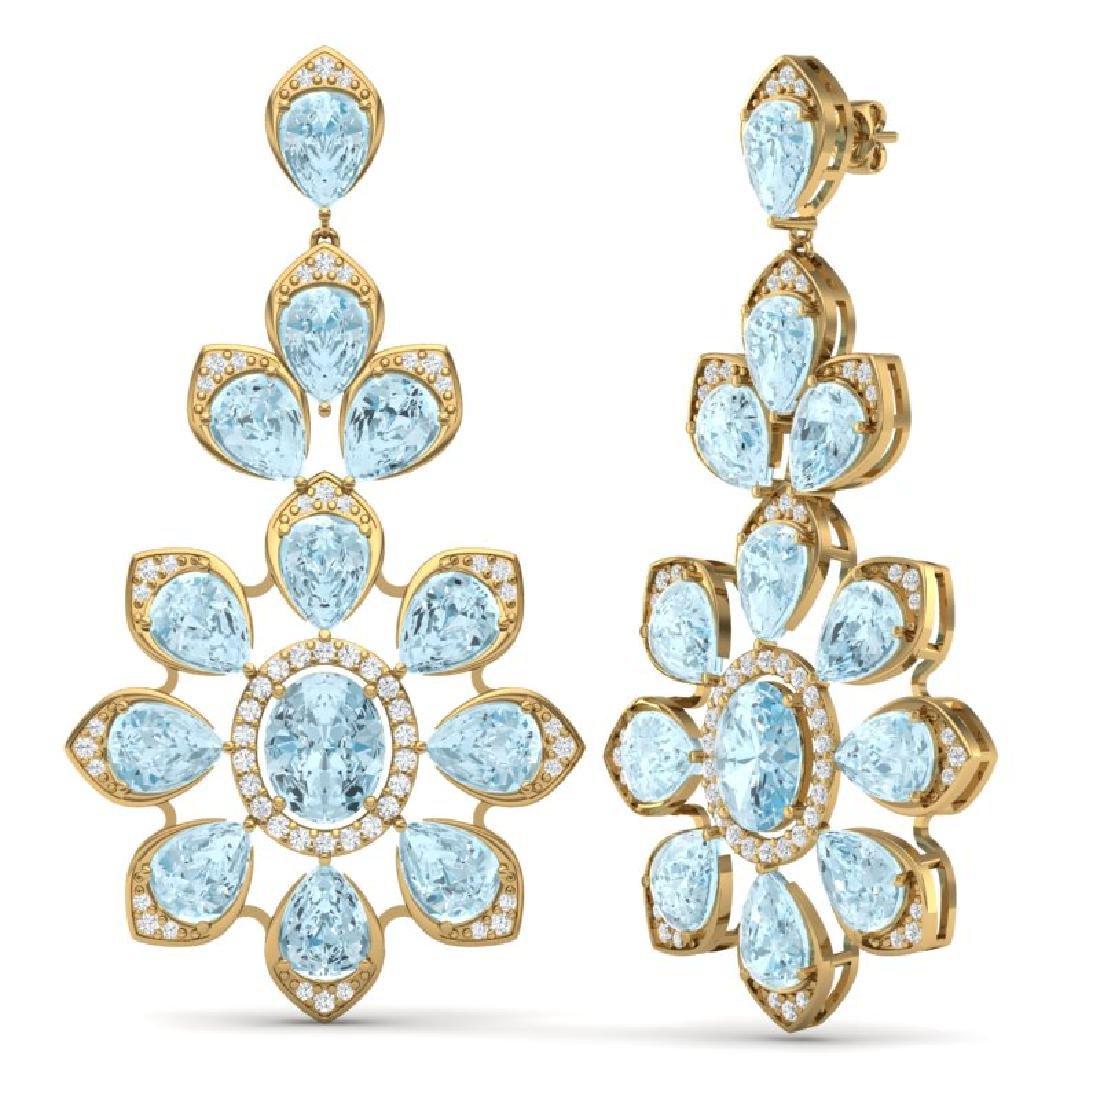 53.34 CTW Royalty Sky Topaz & VS Diamond Earrings 18K - 3